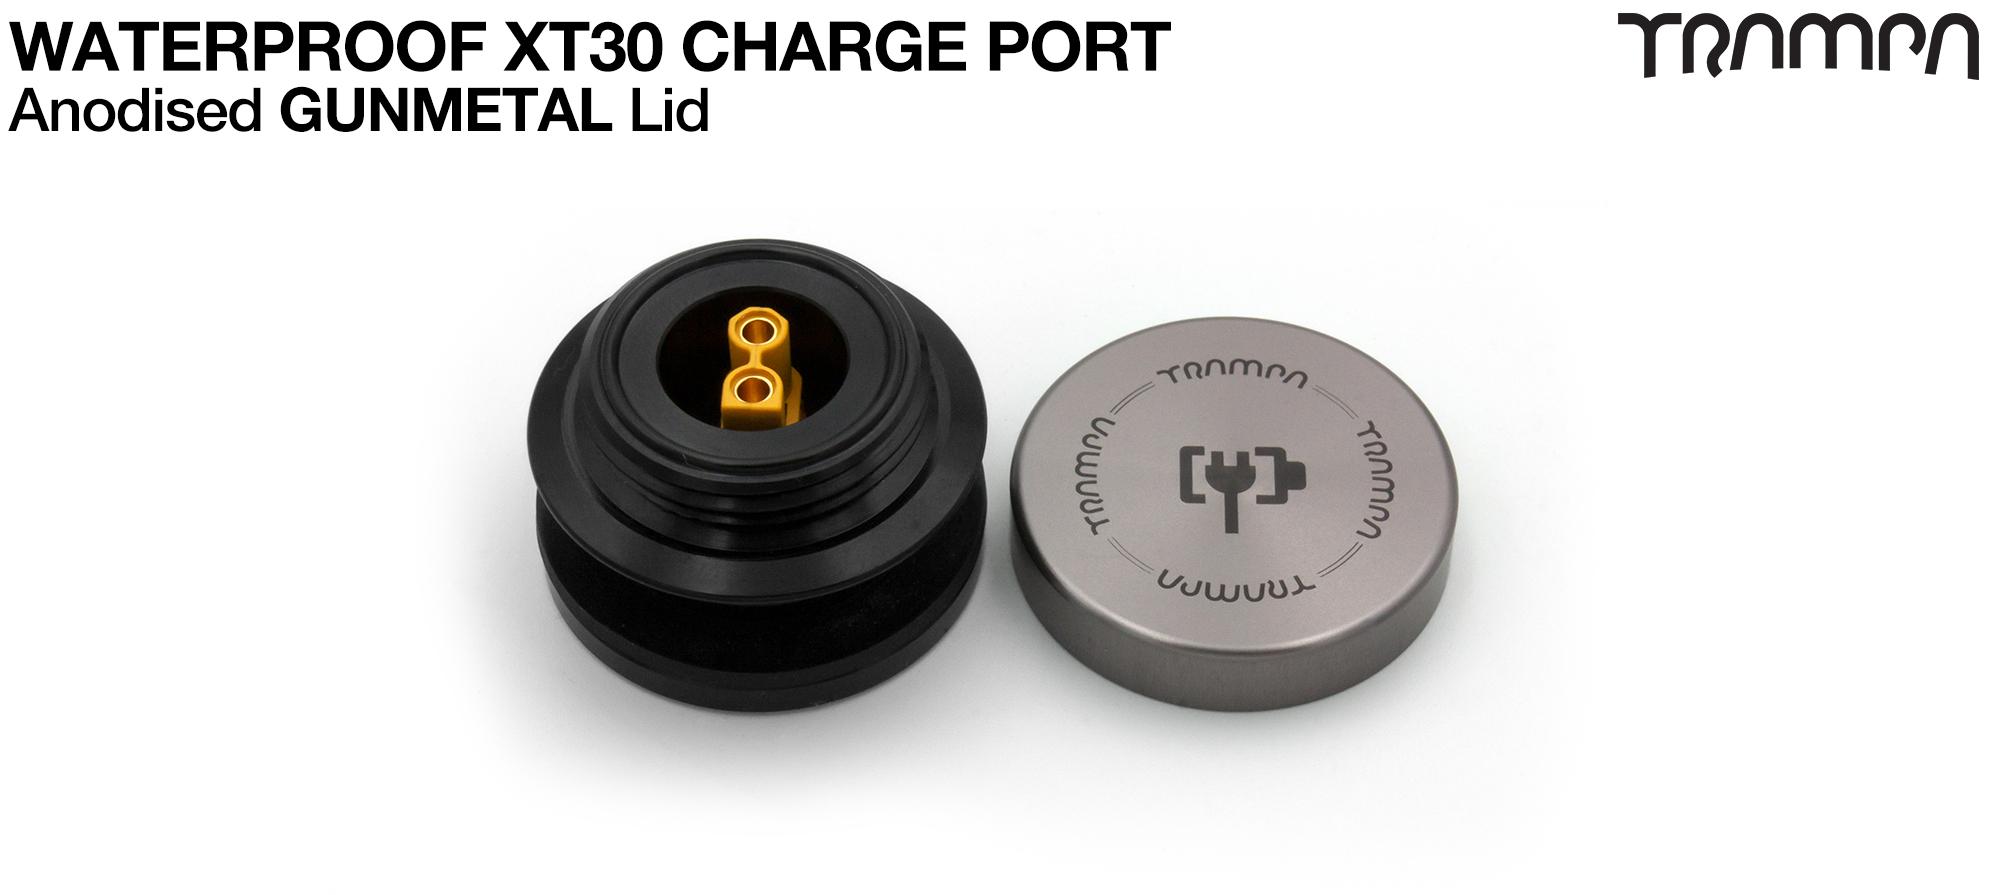 ORRSOM GT XT30 WATERPROOF Charge Port - GUNMETAL